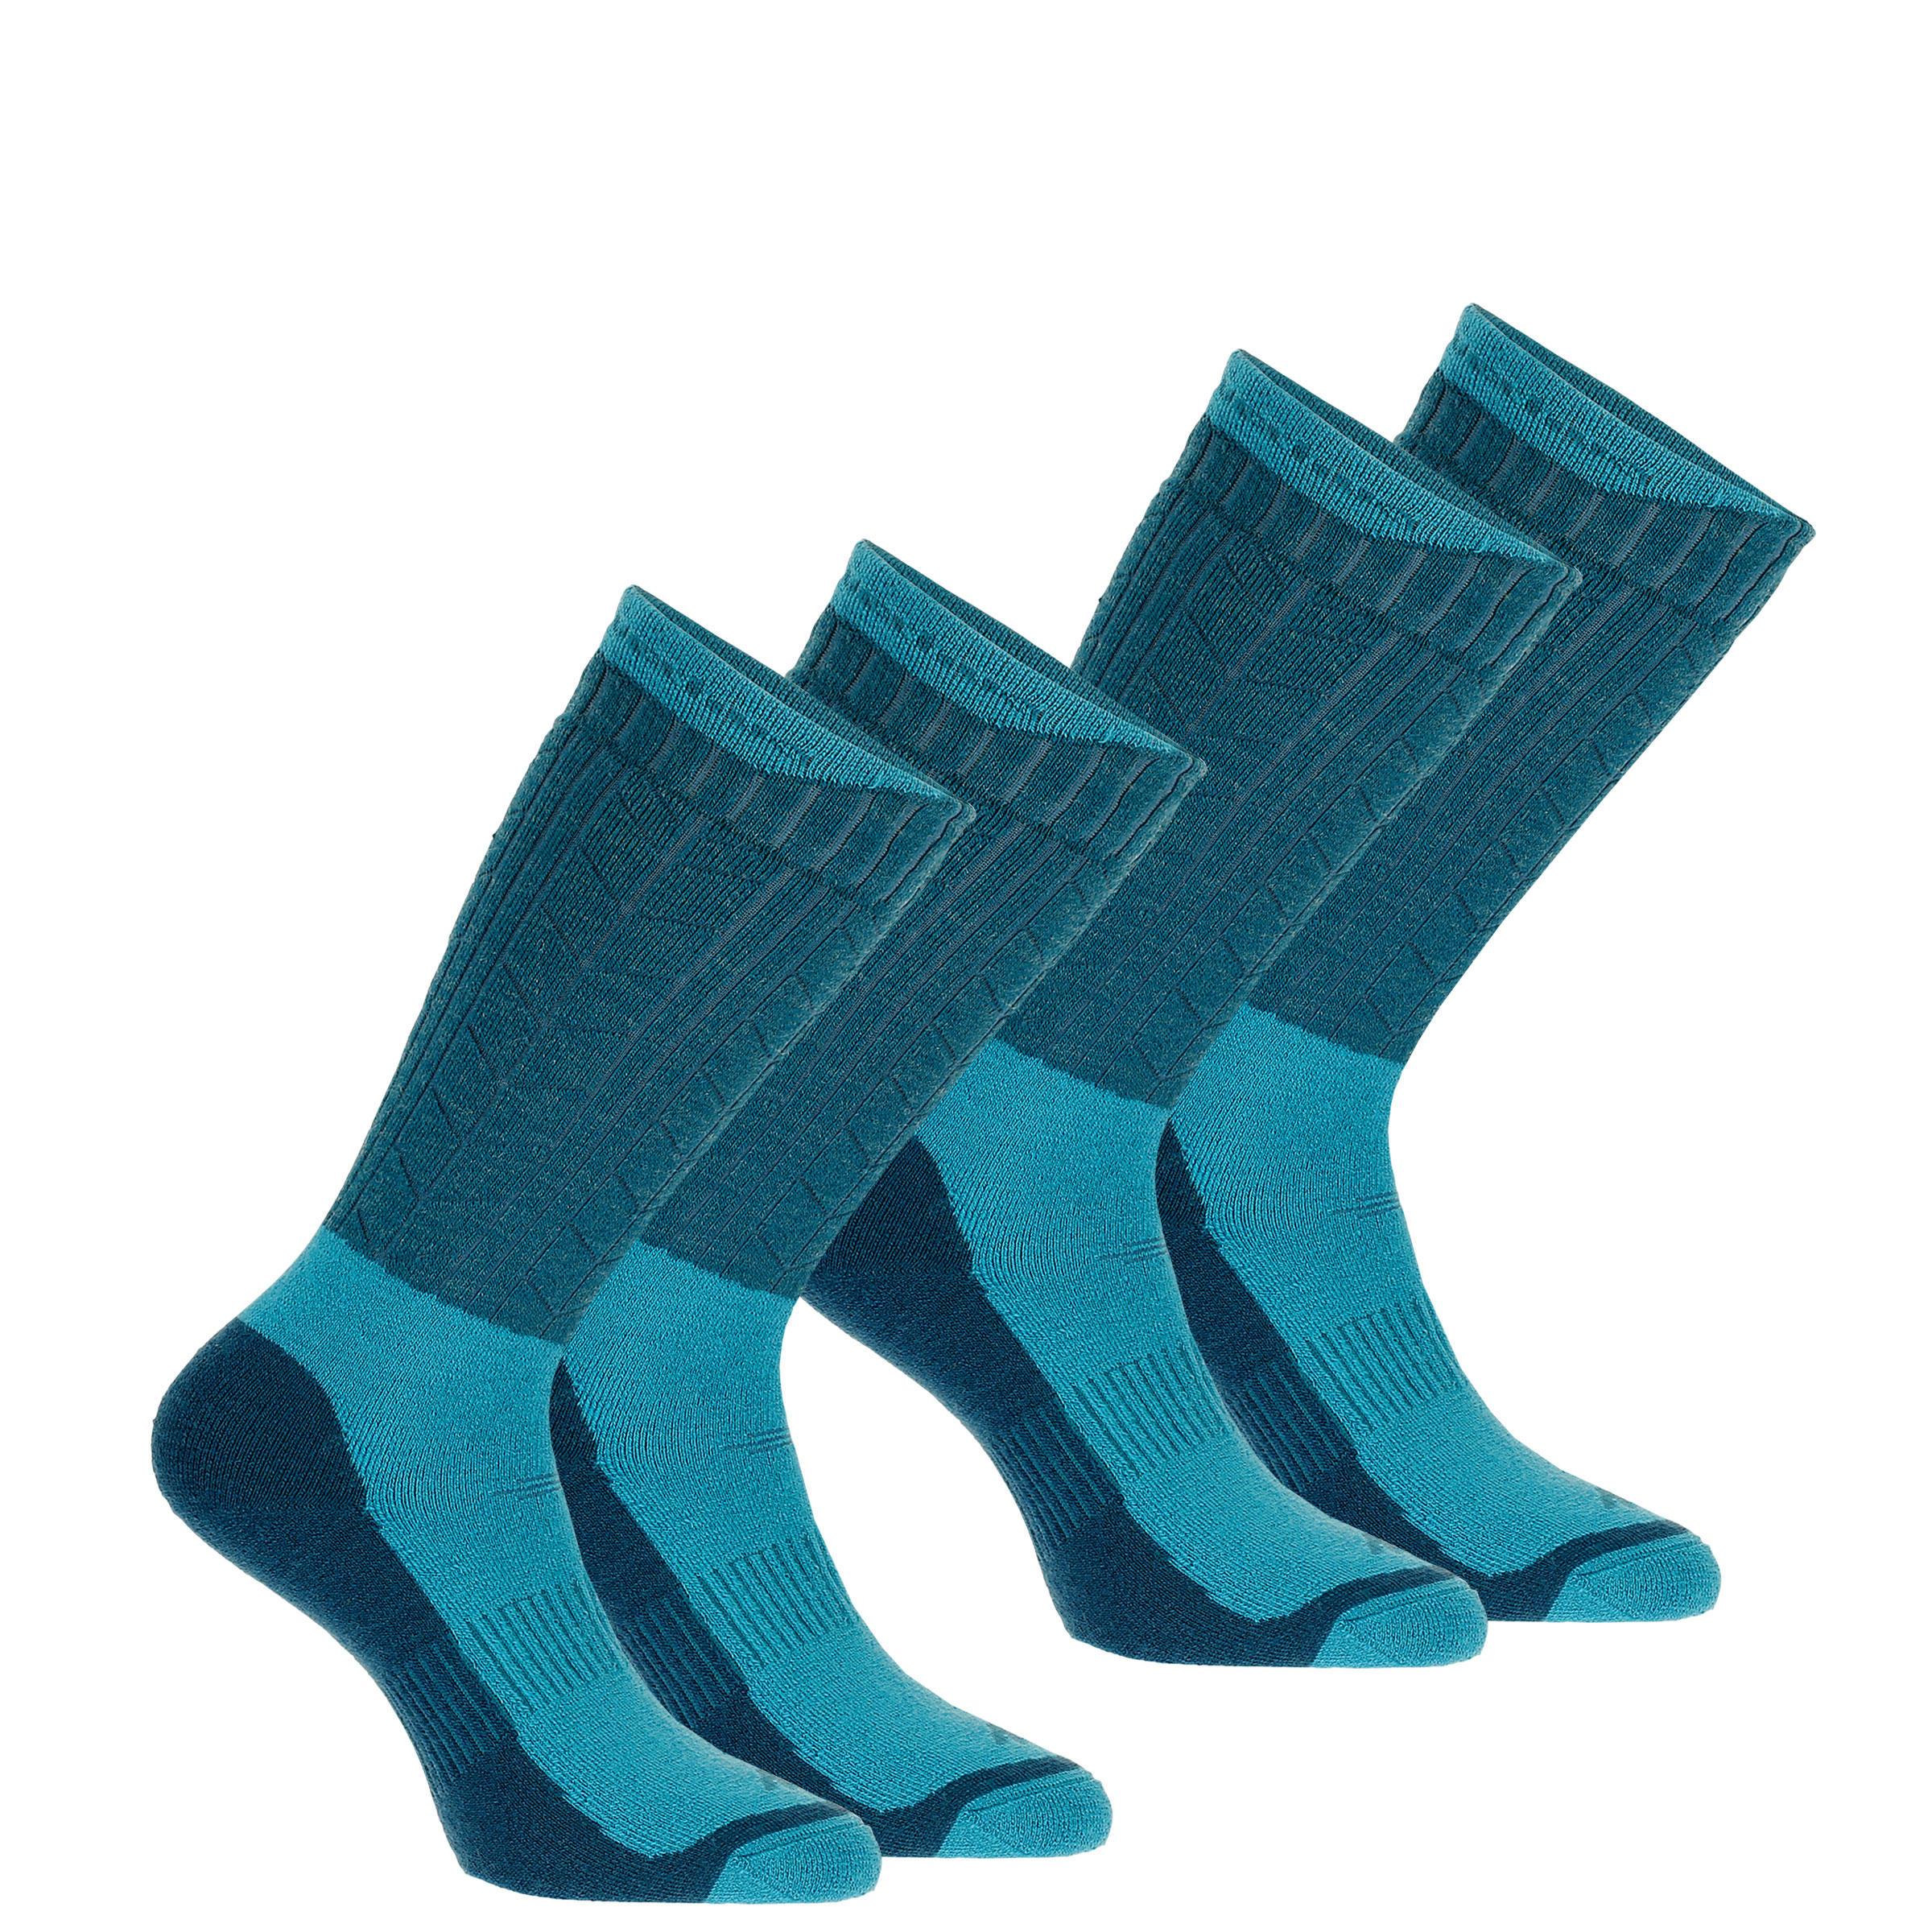 Chaussettes de randonnée neige adulte SH500 ultra-warm mi-hauteur bleues.